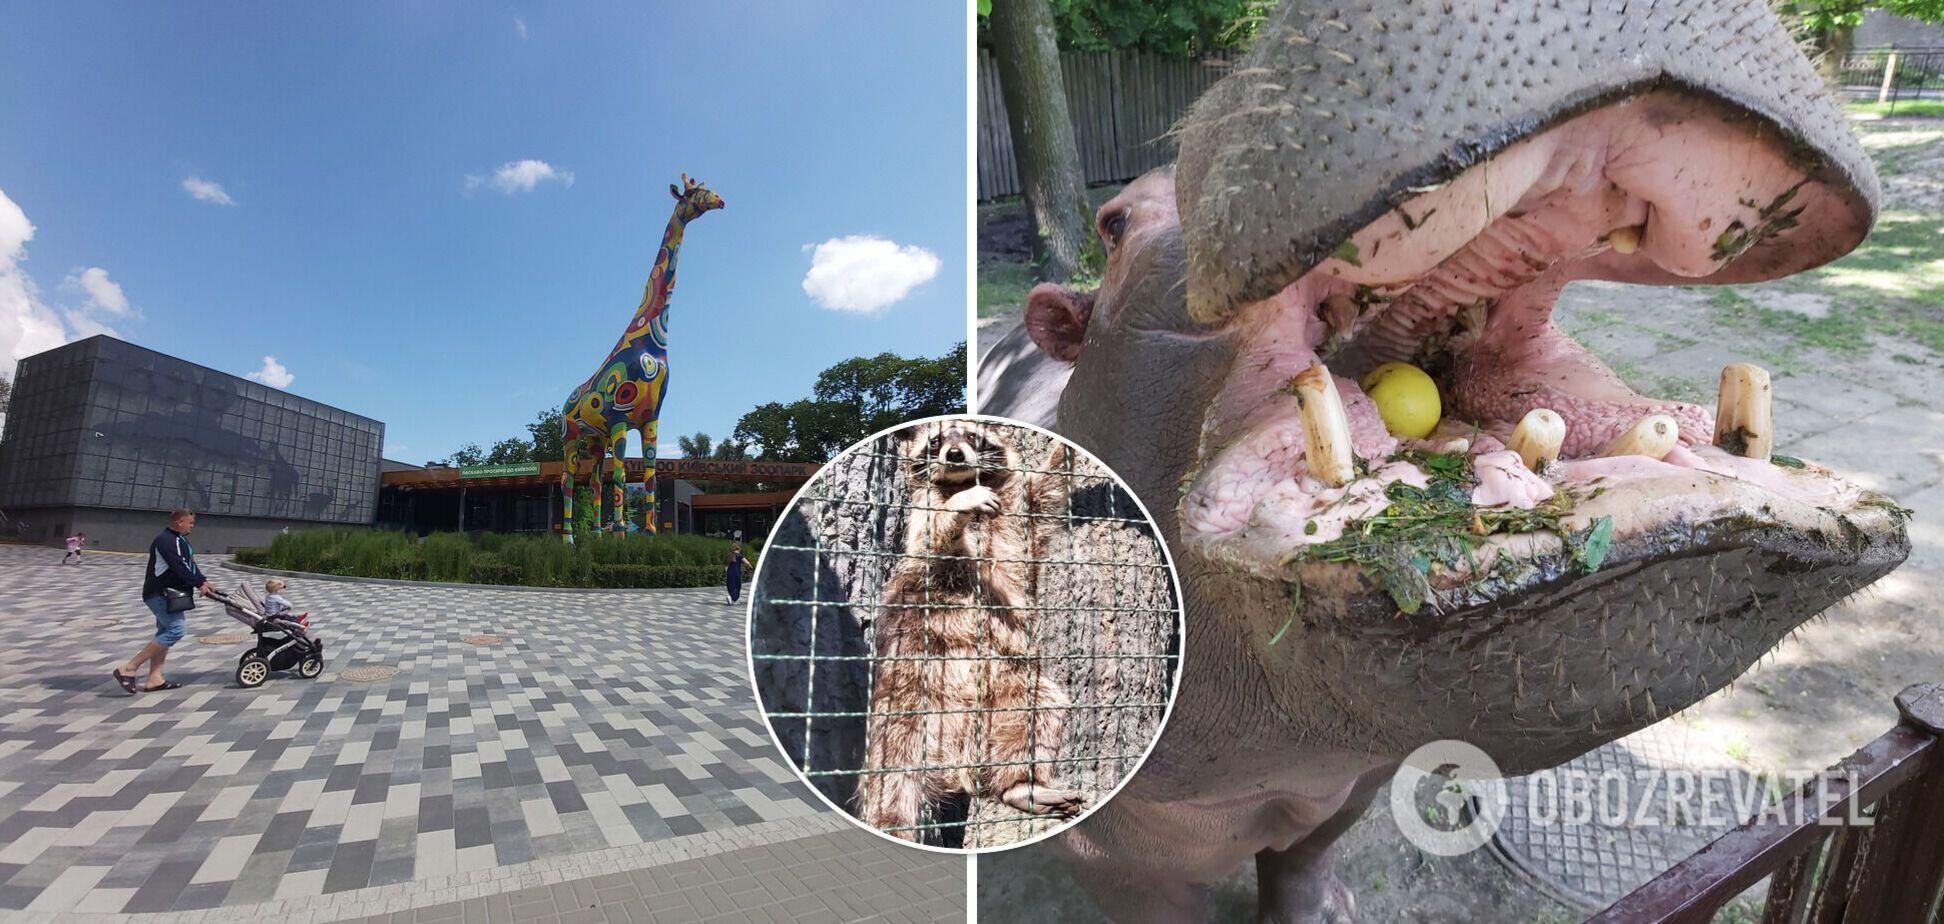 Дитинча лемура виховують працівники, а слон чекає на подругу: що змінилося в Київському зоопарку